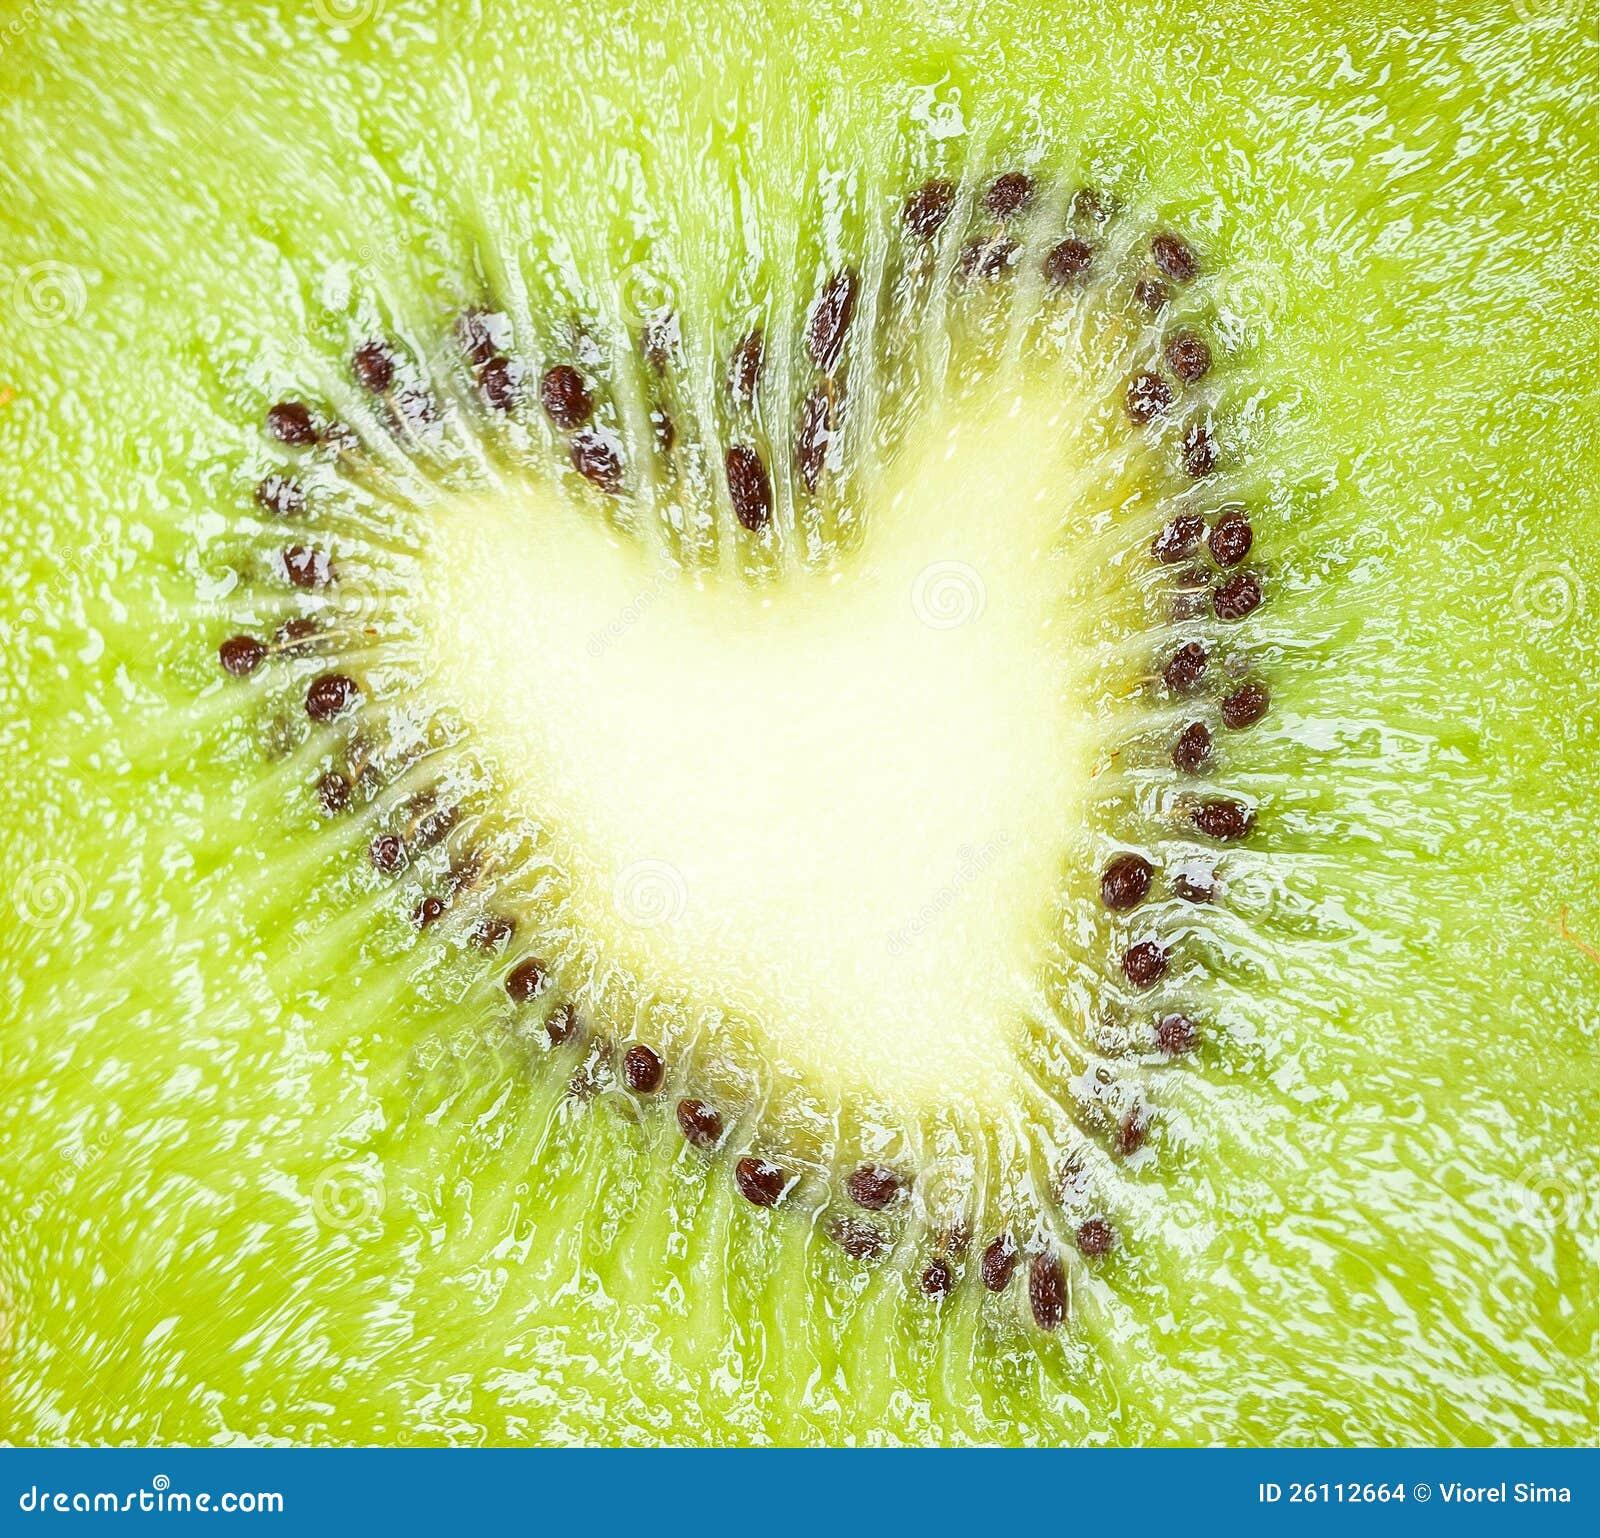 Lieben Sie die Früchte